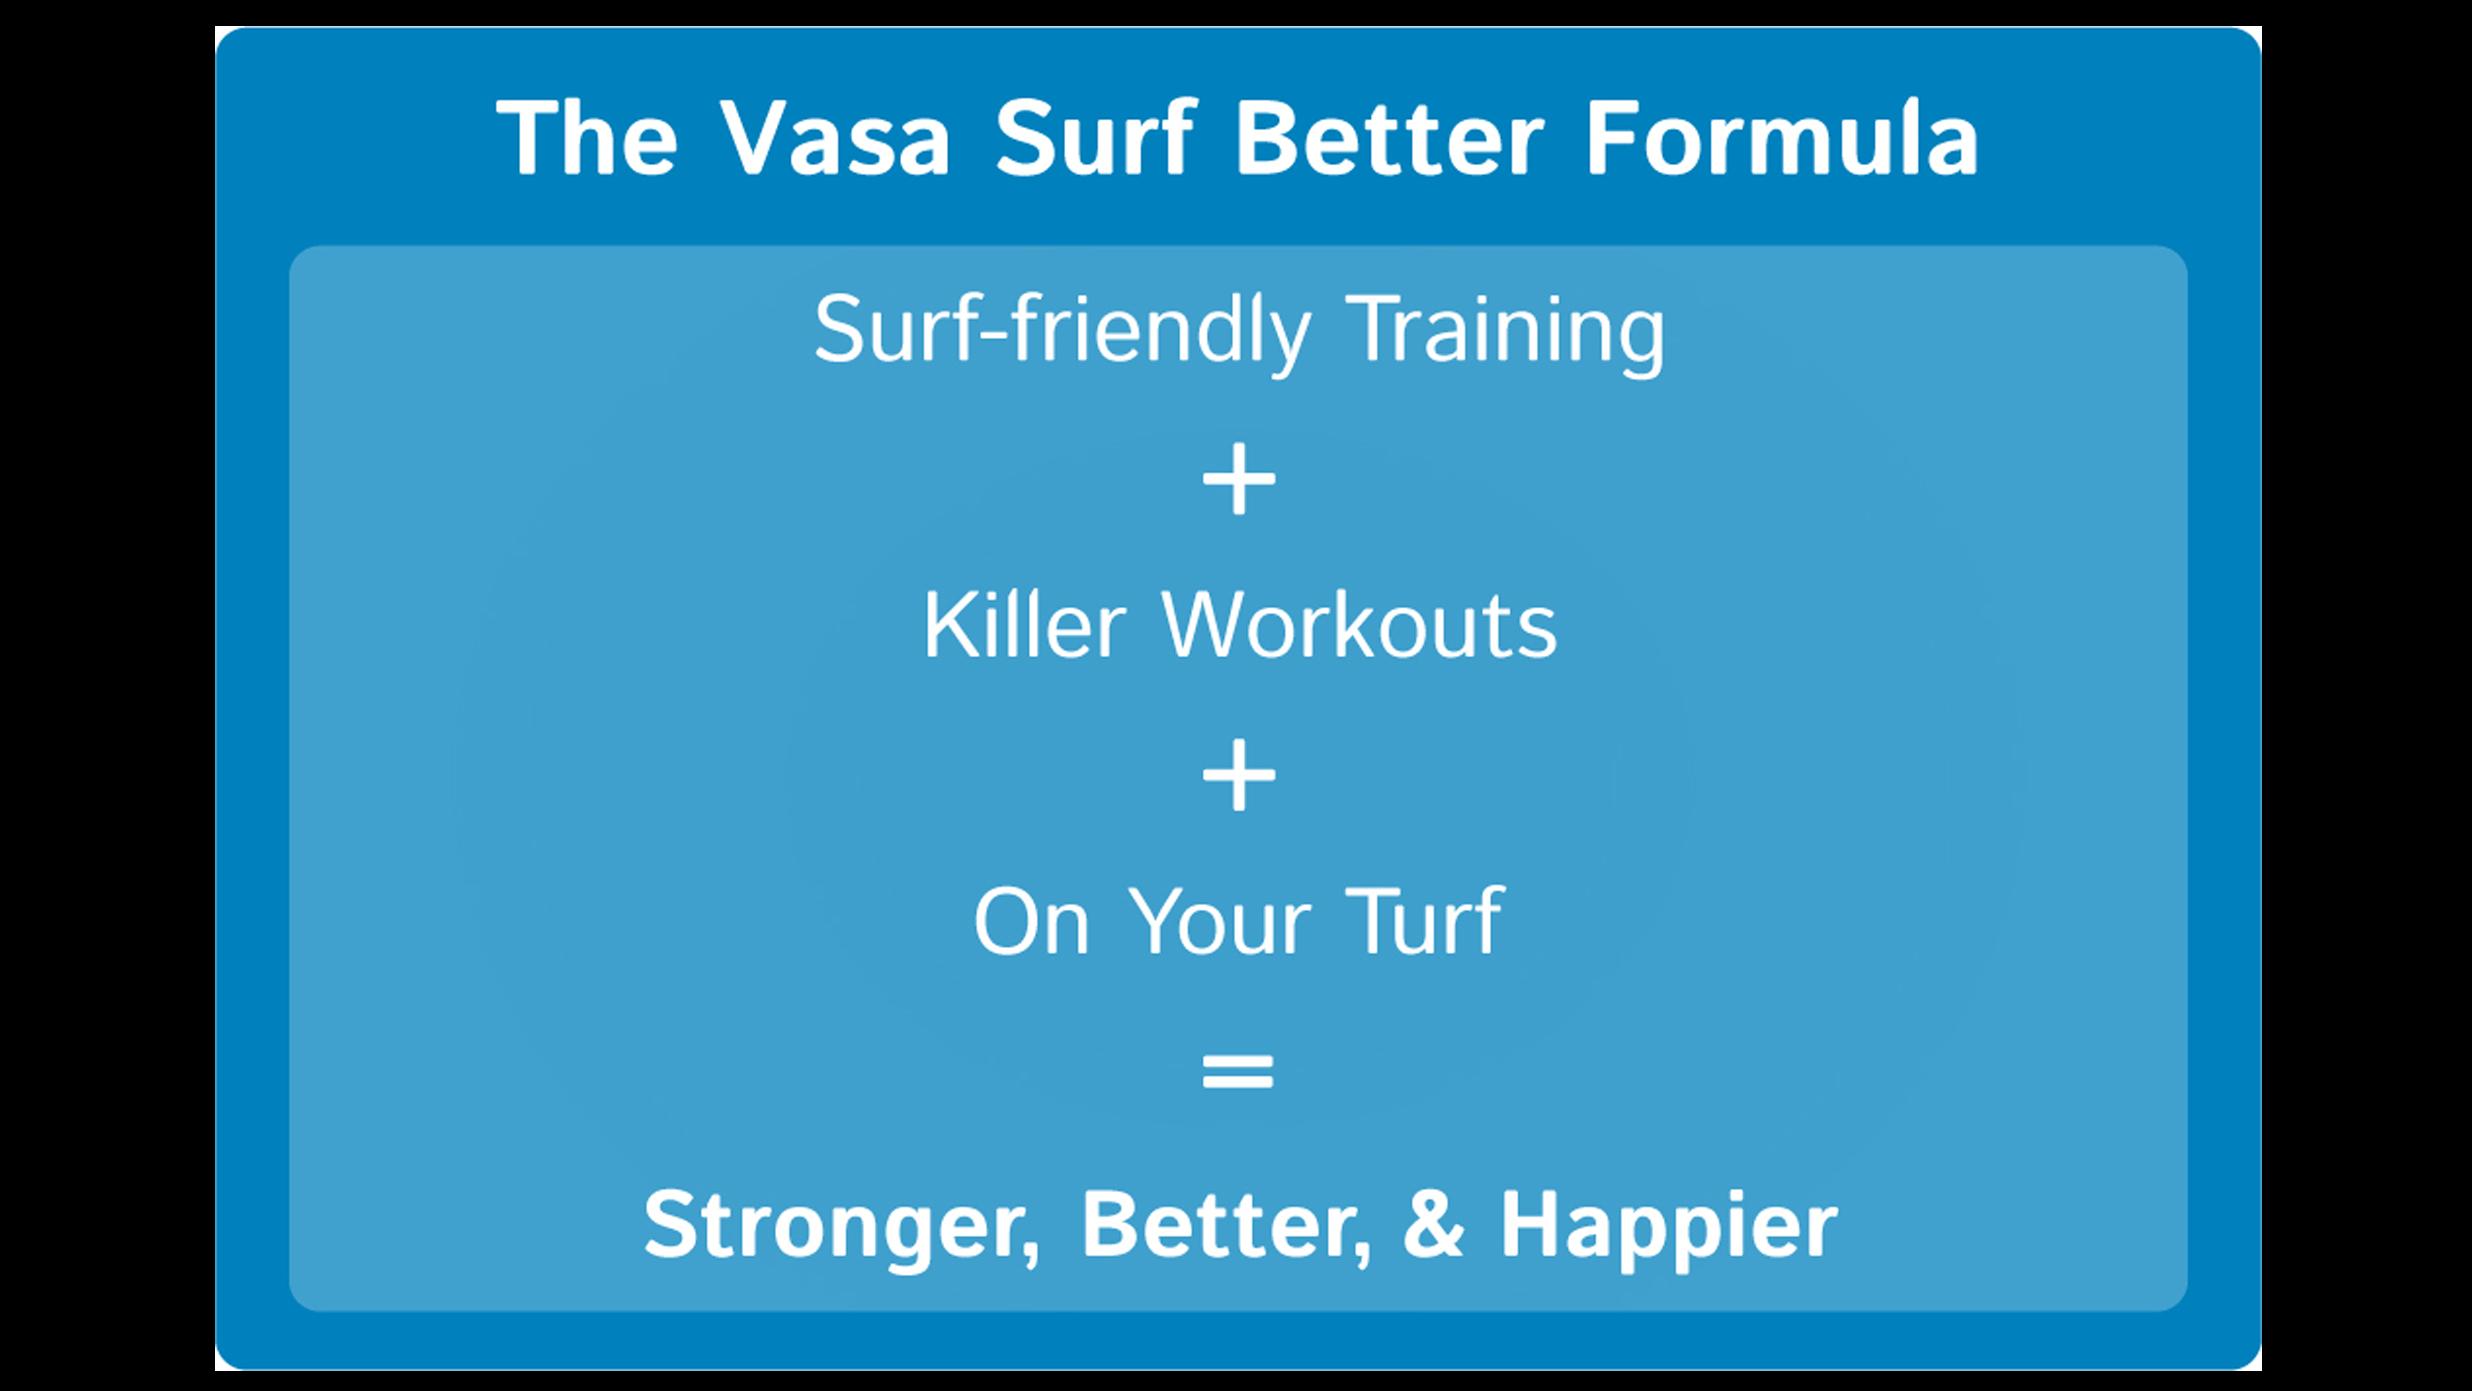 vasa surf better formula